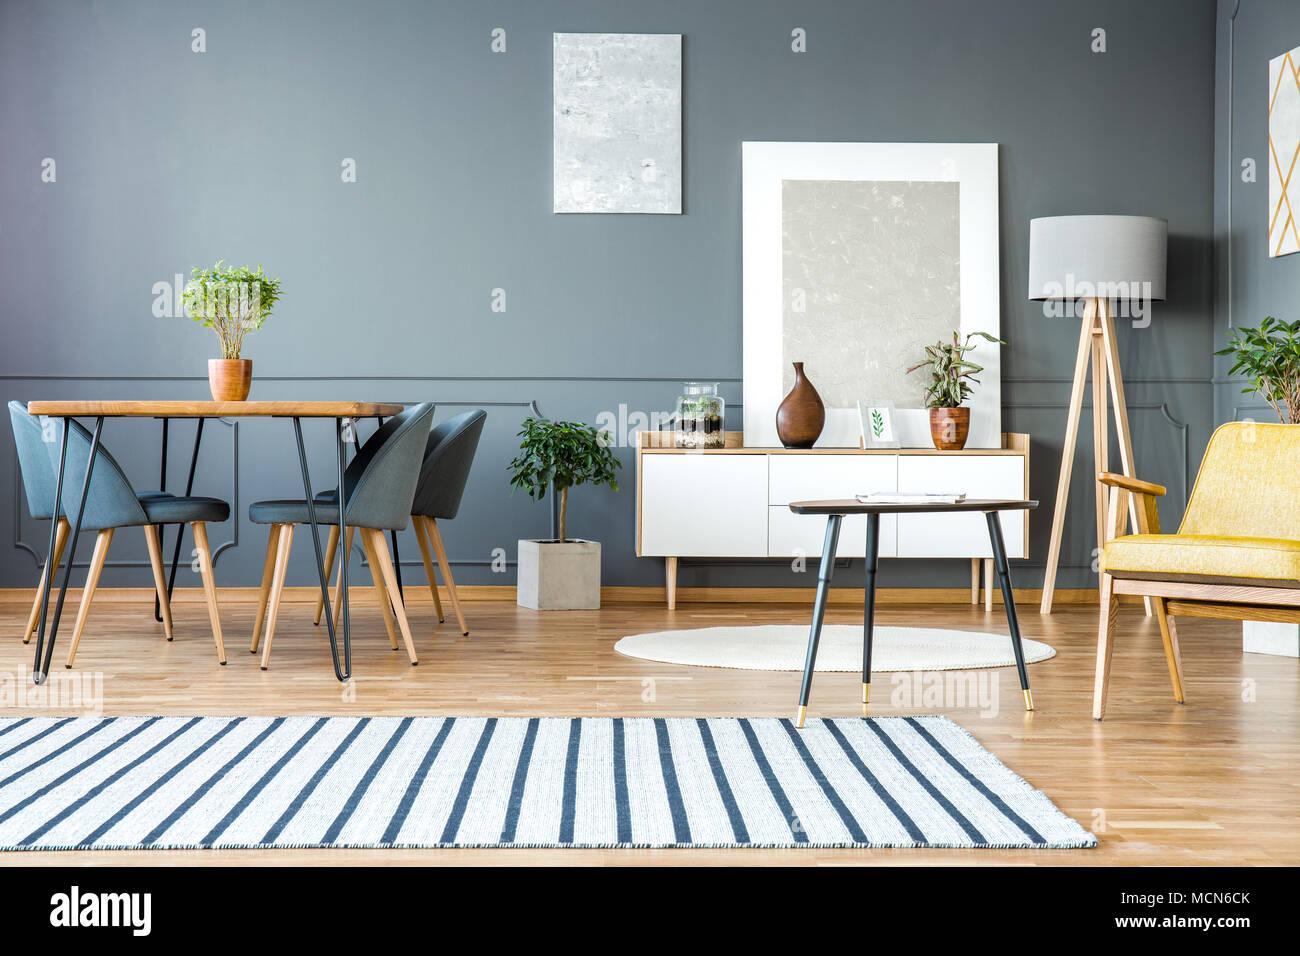 Gestreiften Teppich in grau Wohnung Interieur mit Stühle am Esstisch ...